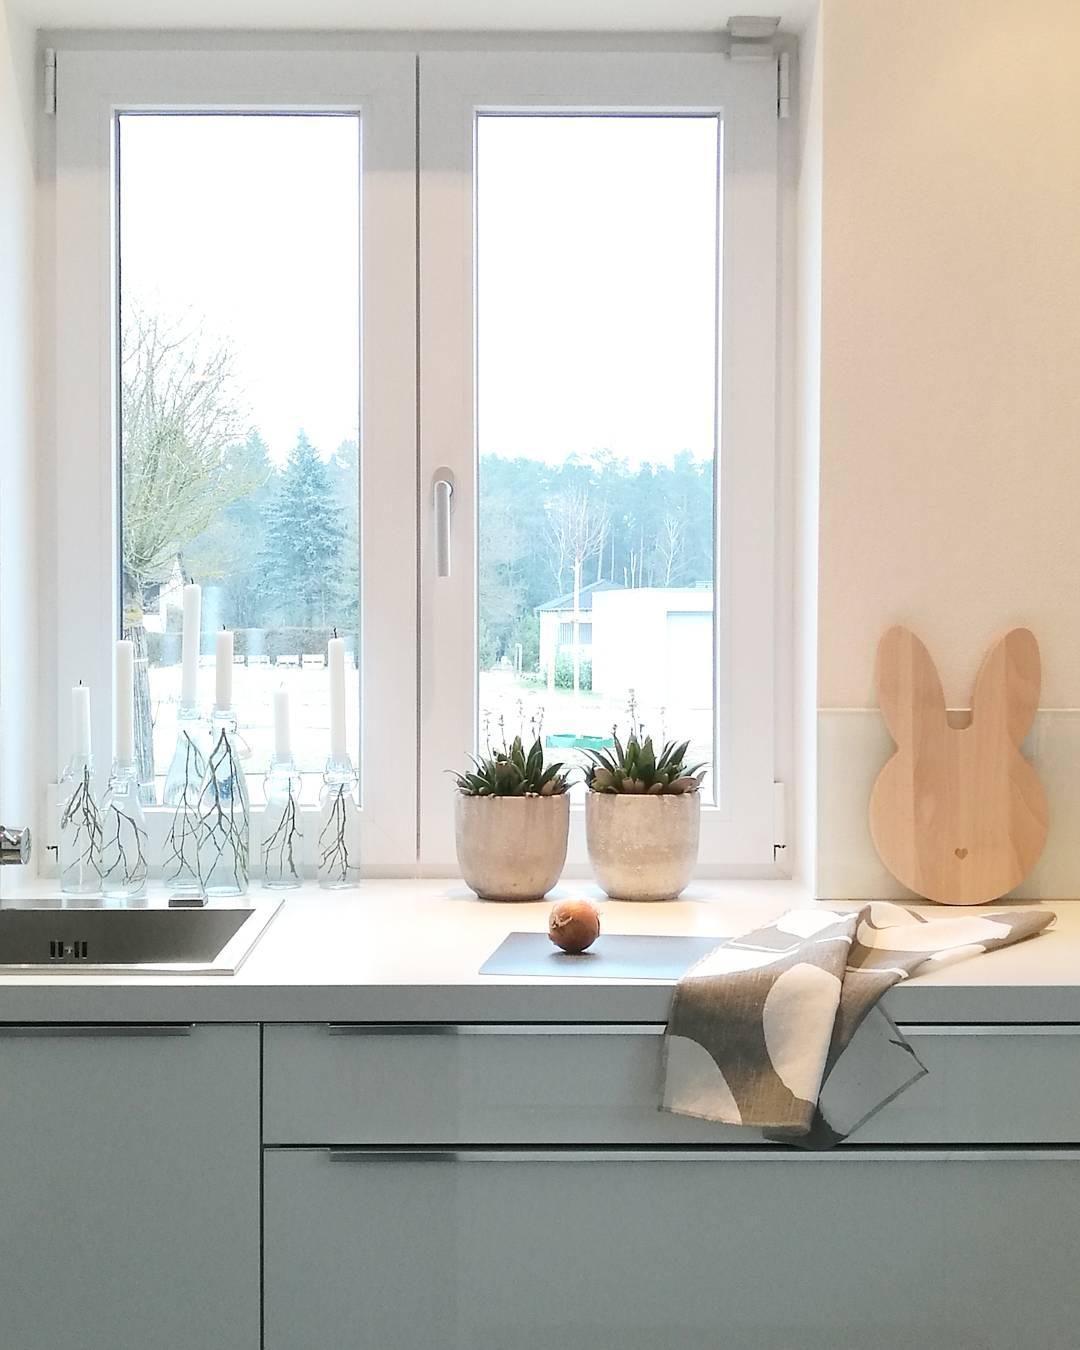 Küchendeko Ideen küchendeko bilder ideen couchstyle